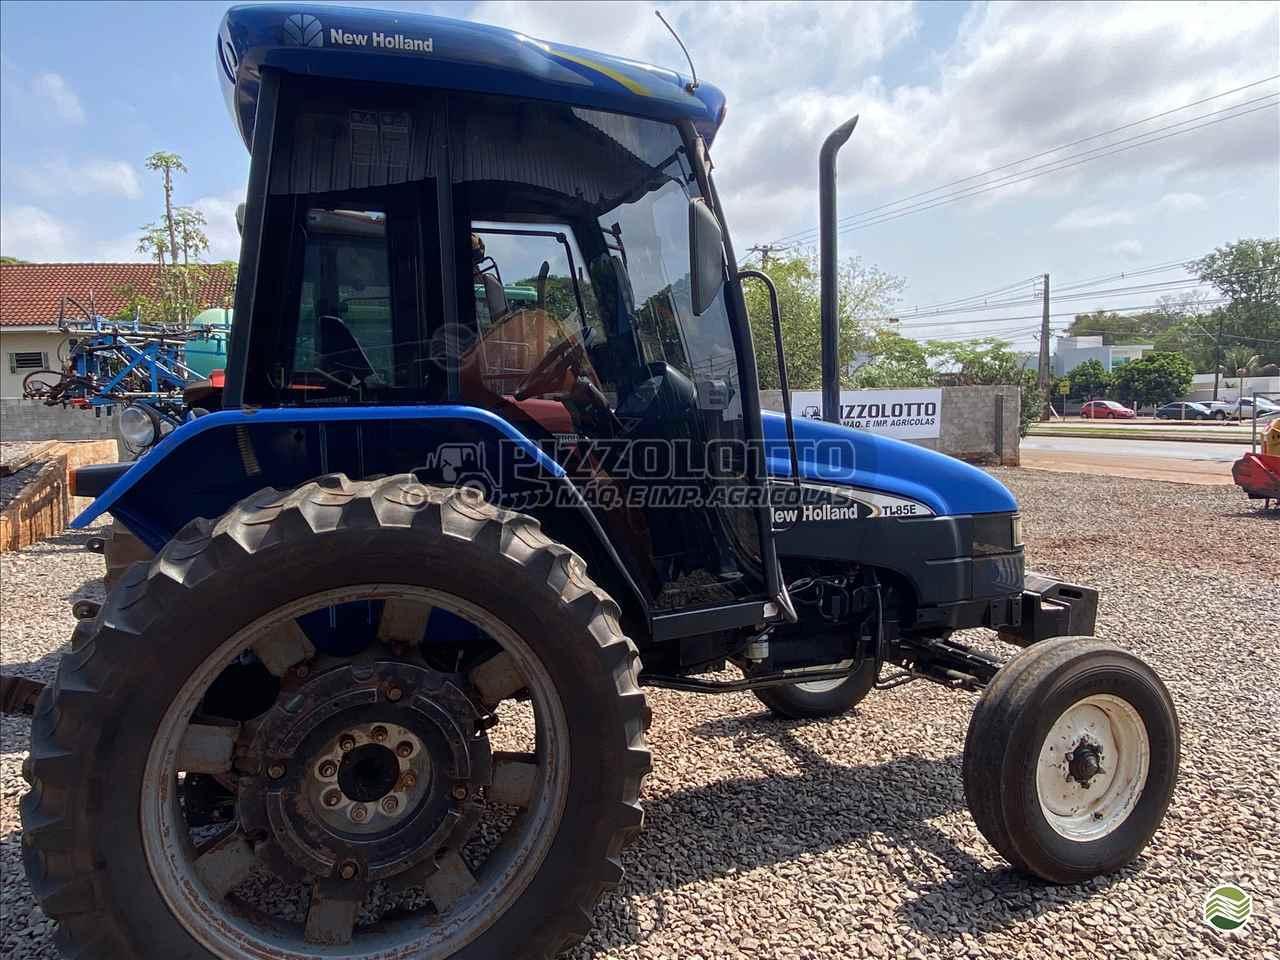 TRATOR NEW HOLLAND NEW TL 85 Tração 4x2 Pizzolotto Máquinas e Implementos Agricolas PALOTINA PARANÁ PR